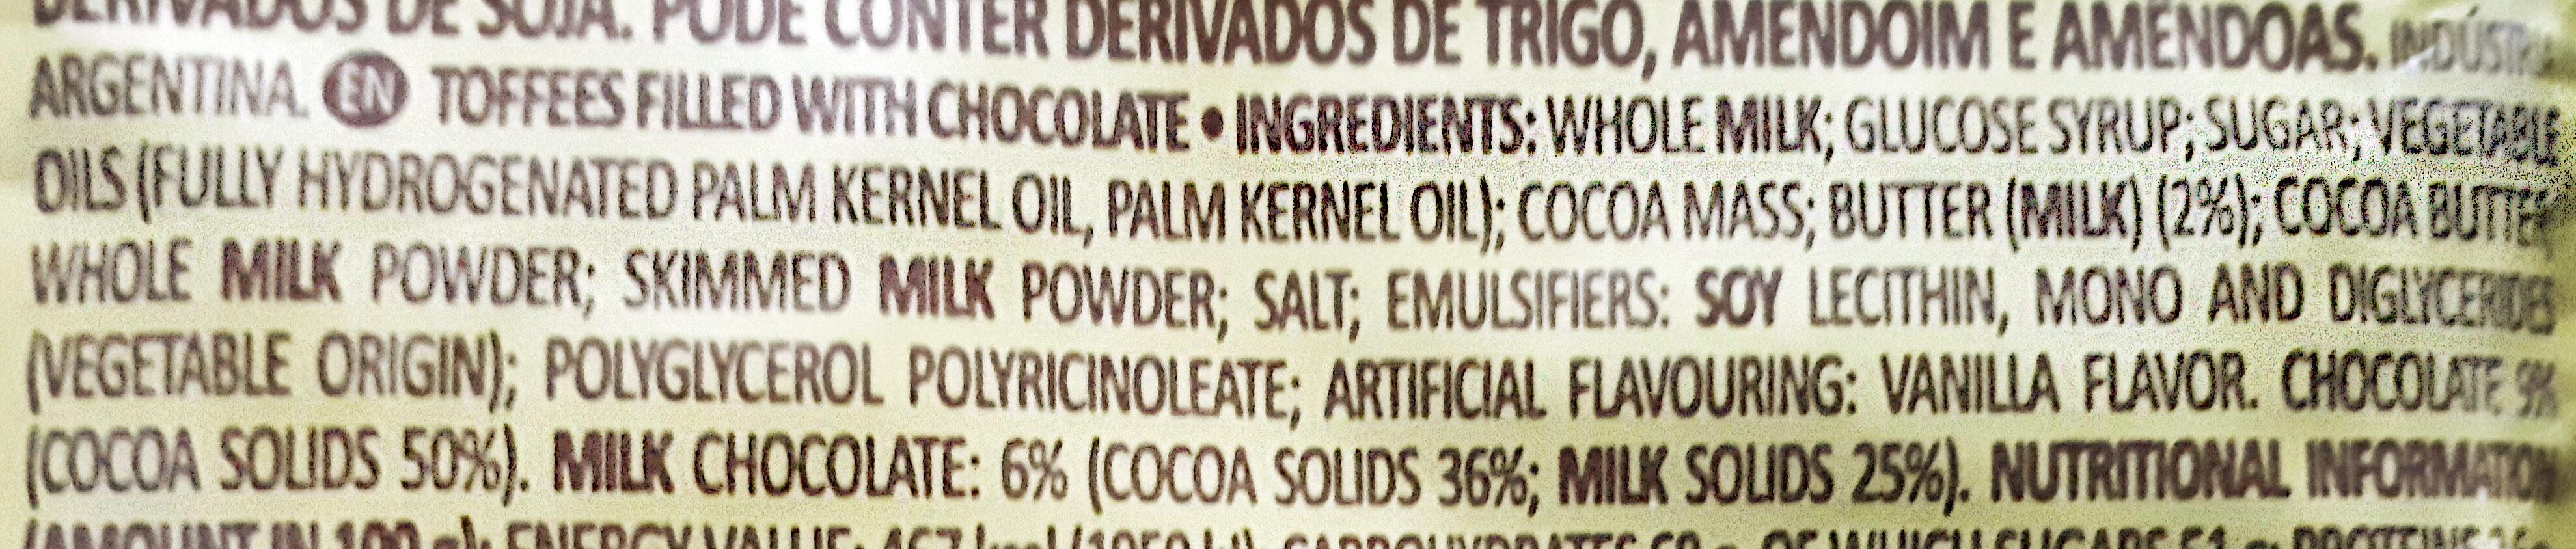 Butter Toffees Chocolate - Ingredientes - en